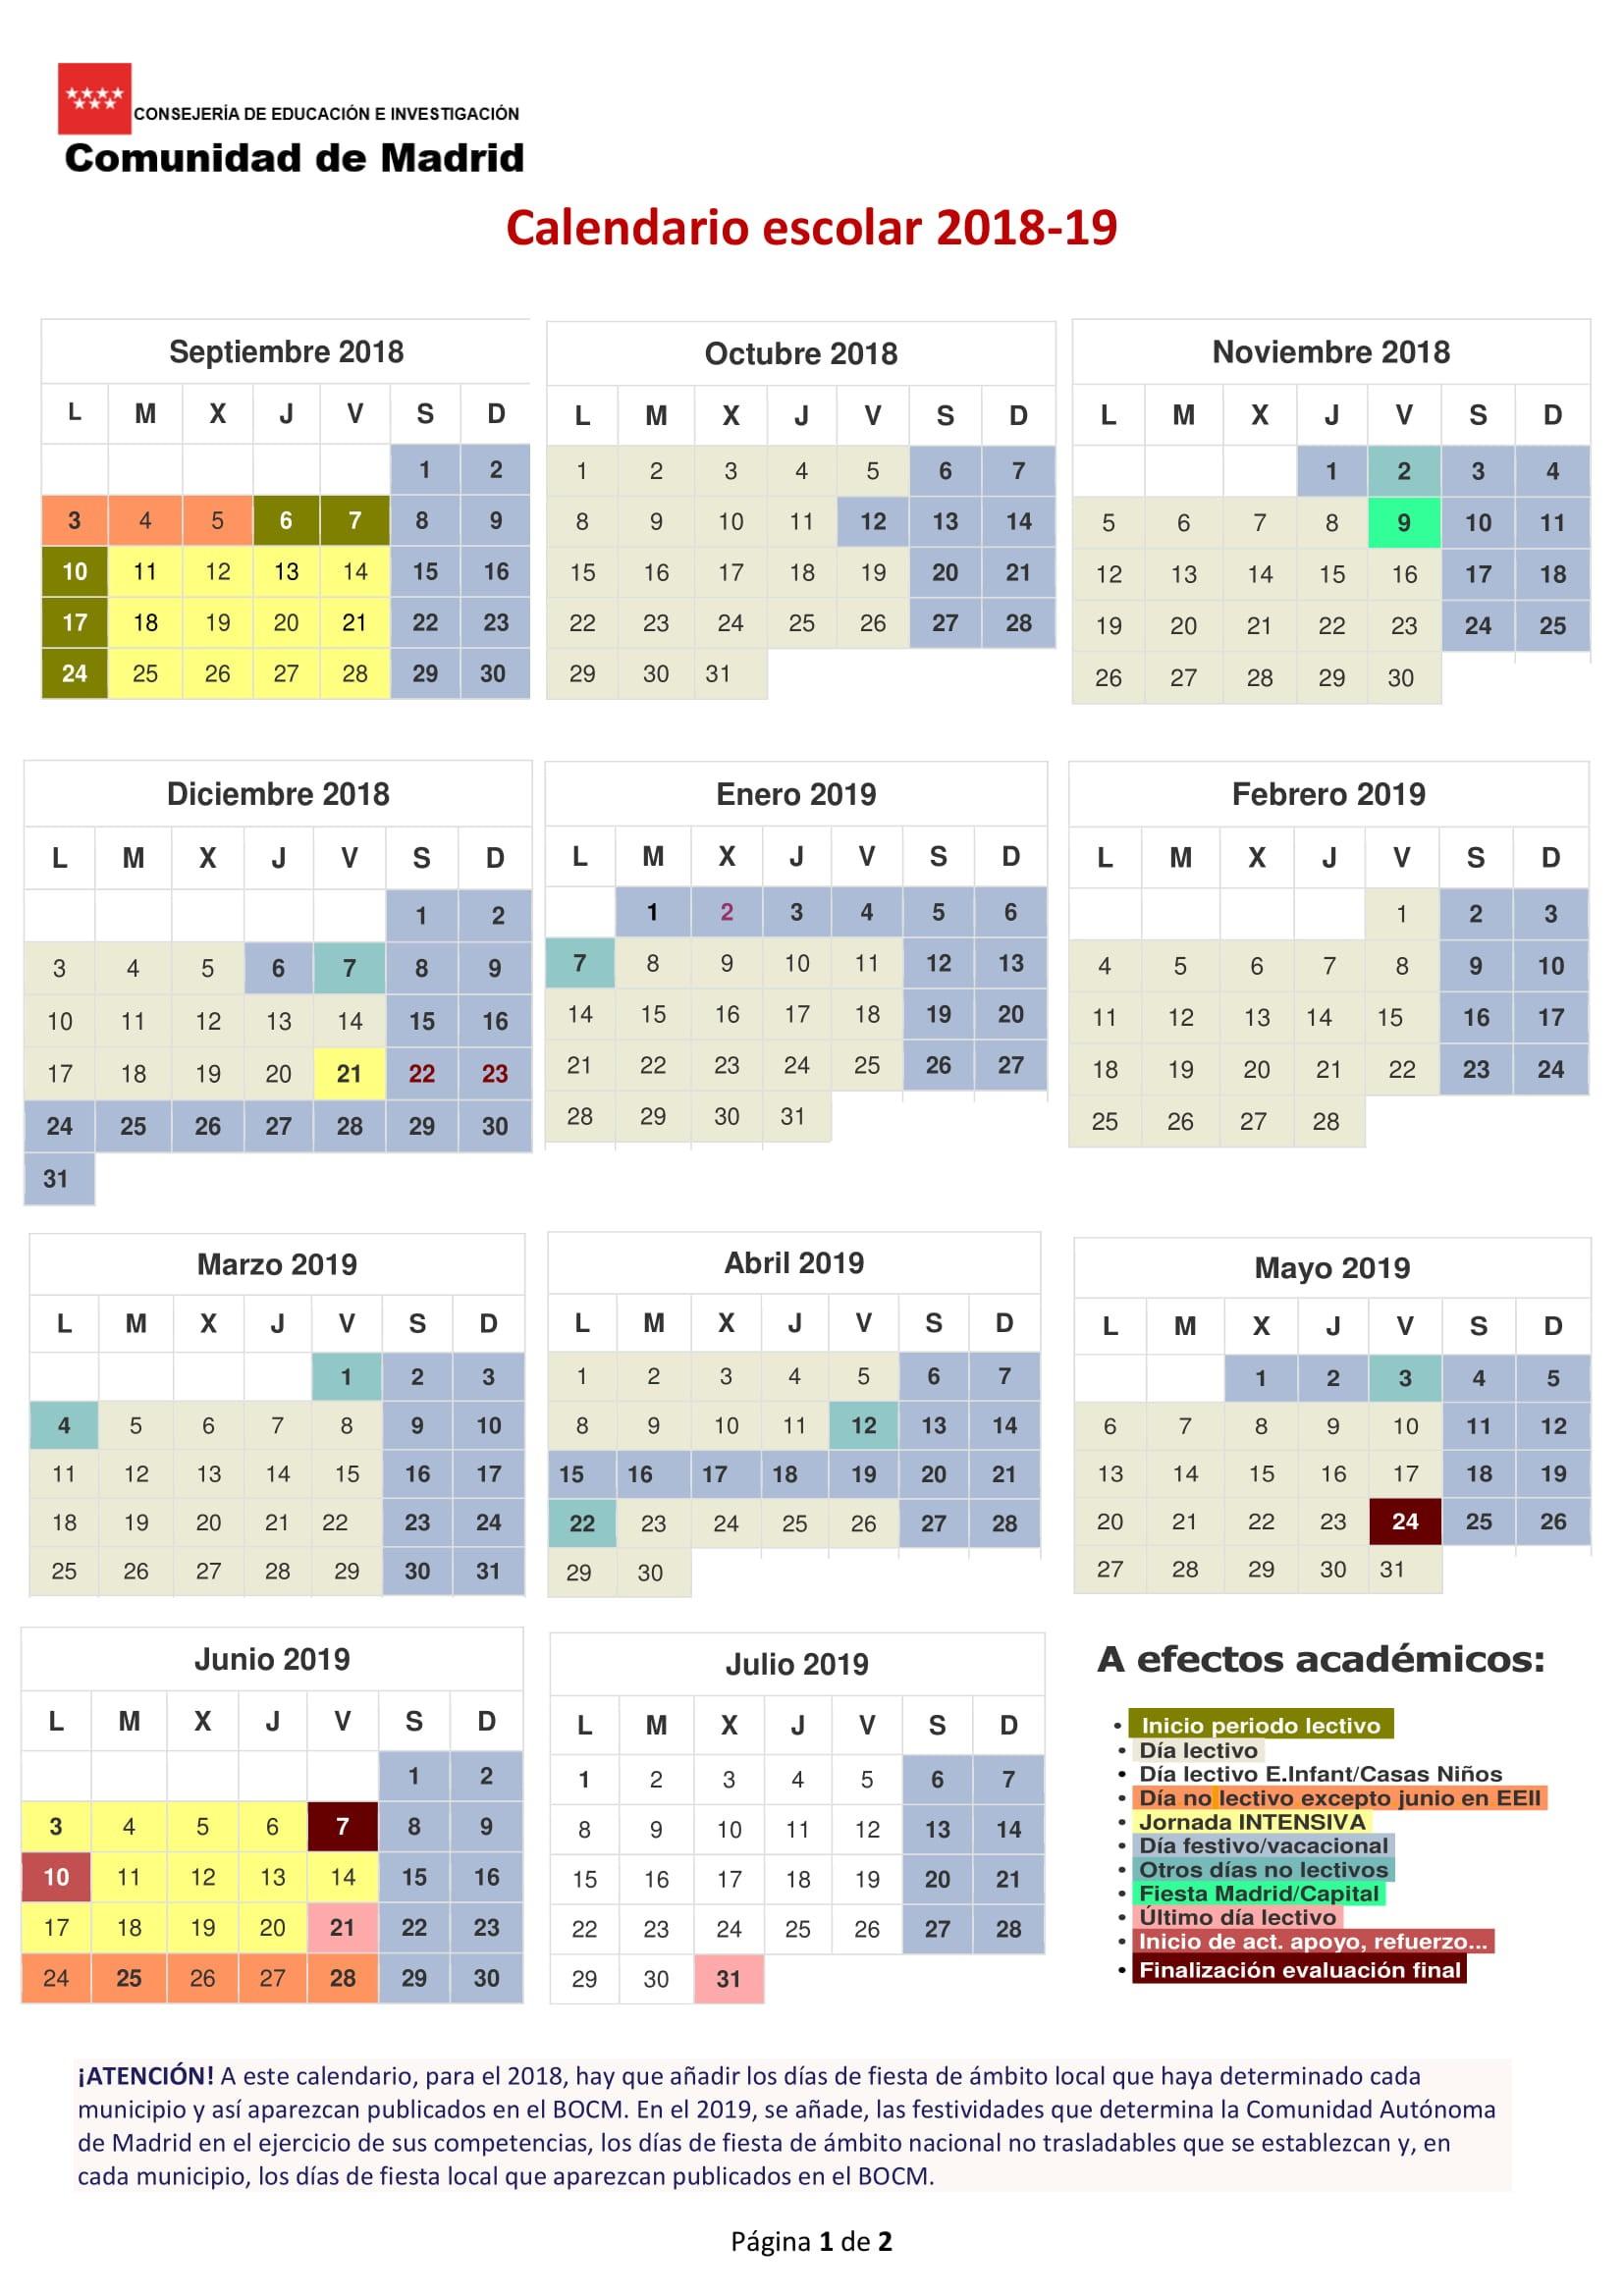 Calendario 2019 Para Llenar E Imprimir Más Reciente Calendario Escolar 2018 2019 En Madrid Vacaciones Y Das Festivos Of Calendario 2019 Para Llenar E Imprimir Más Recientes Cobao